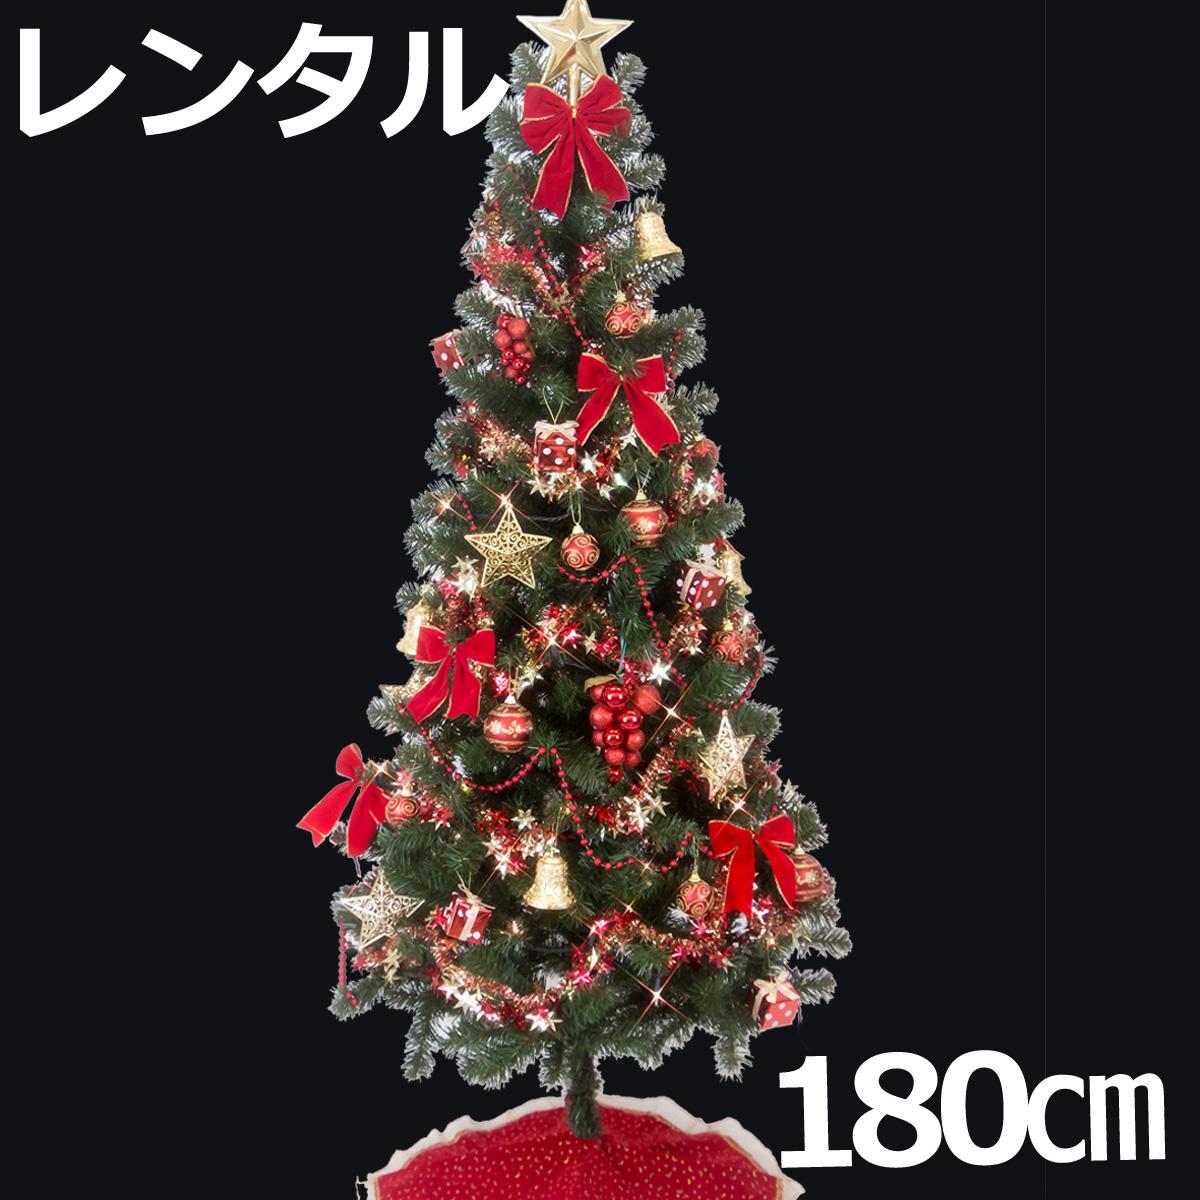 【レンタル】 クリスマスツリー セット 180cm レッド&ゴールド 【往復 送料無料】 クリスマスツリー レンタル fy16REN07